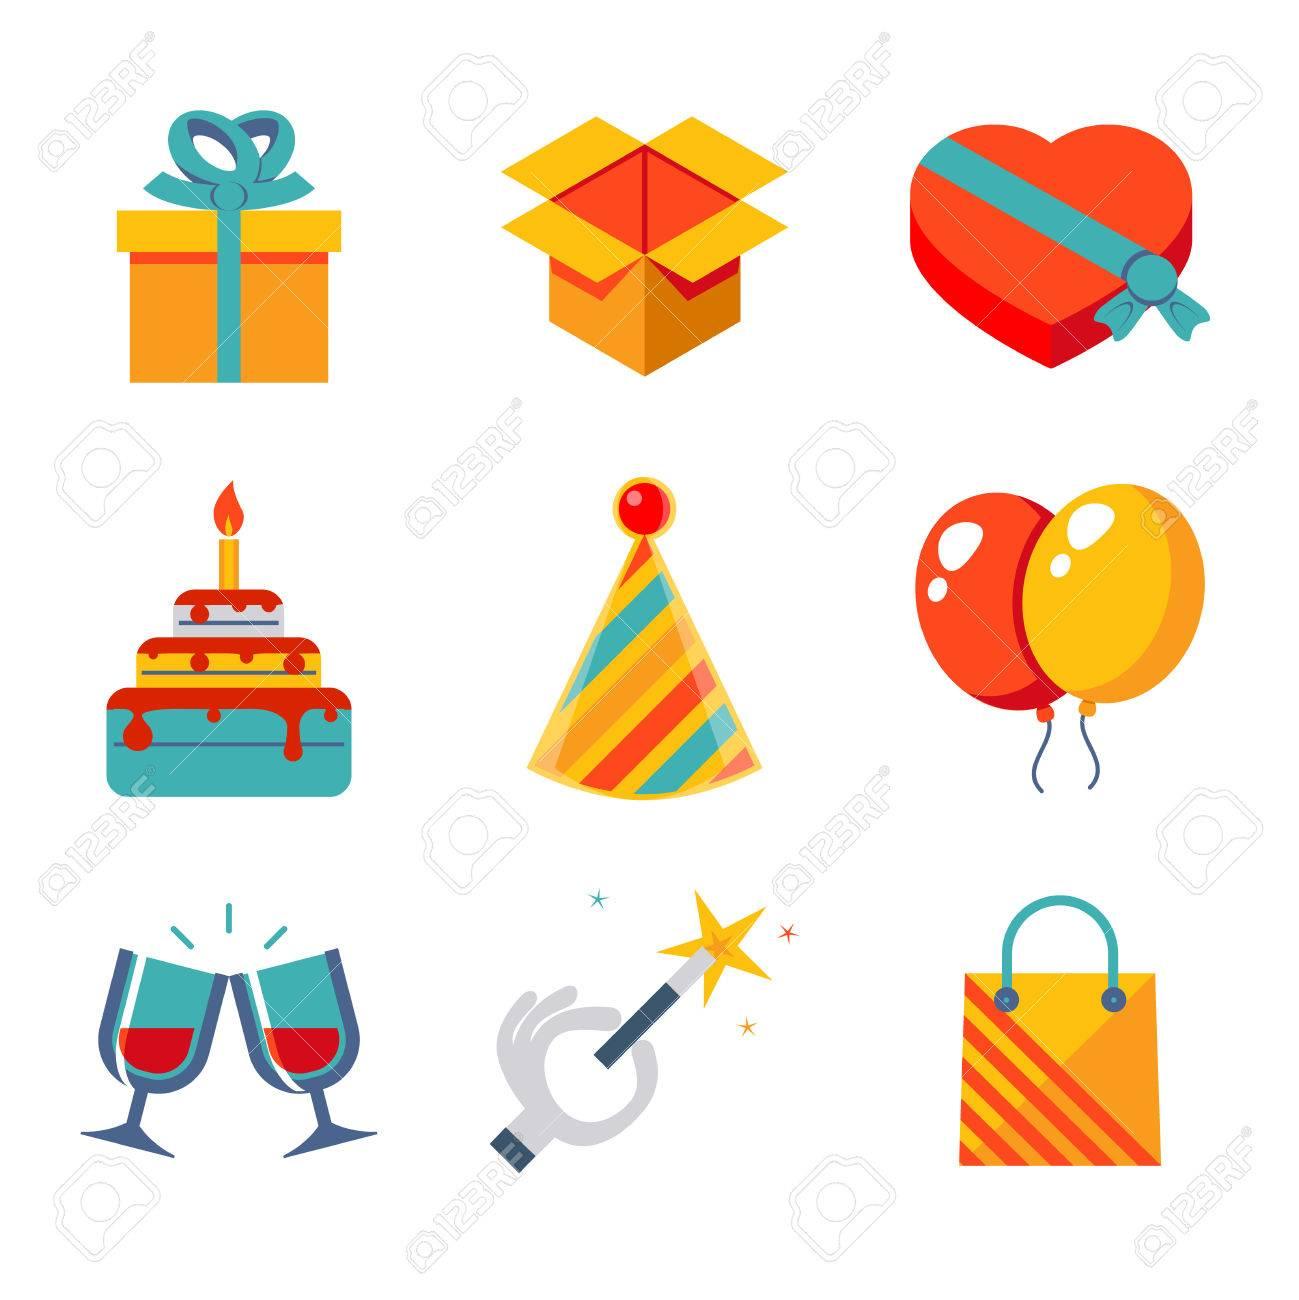 Geisoleerde Vlakke Pictogrammen Set Cadeau Feest Verjaardag